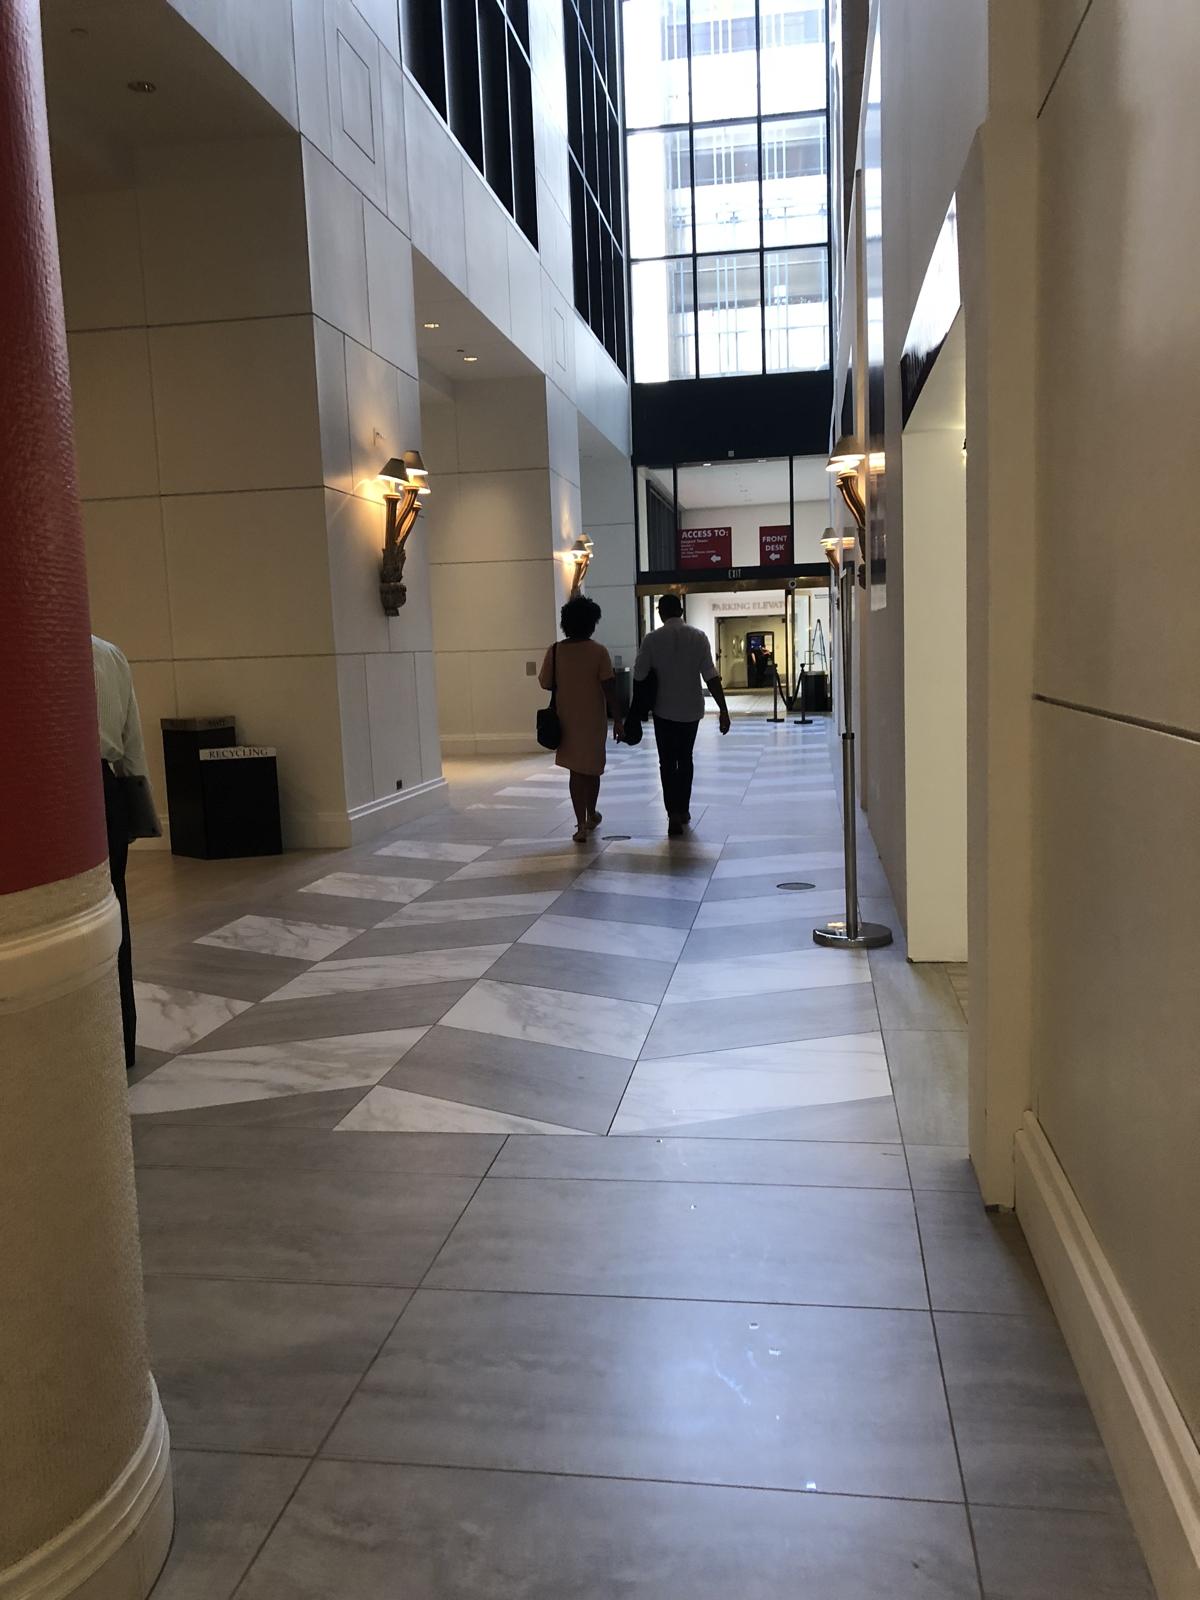 hyatt lobby bar sdcc 2019